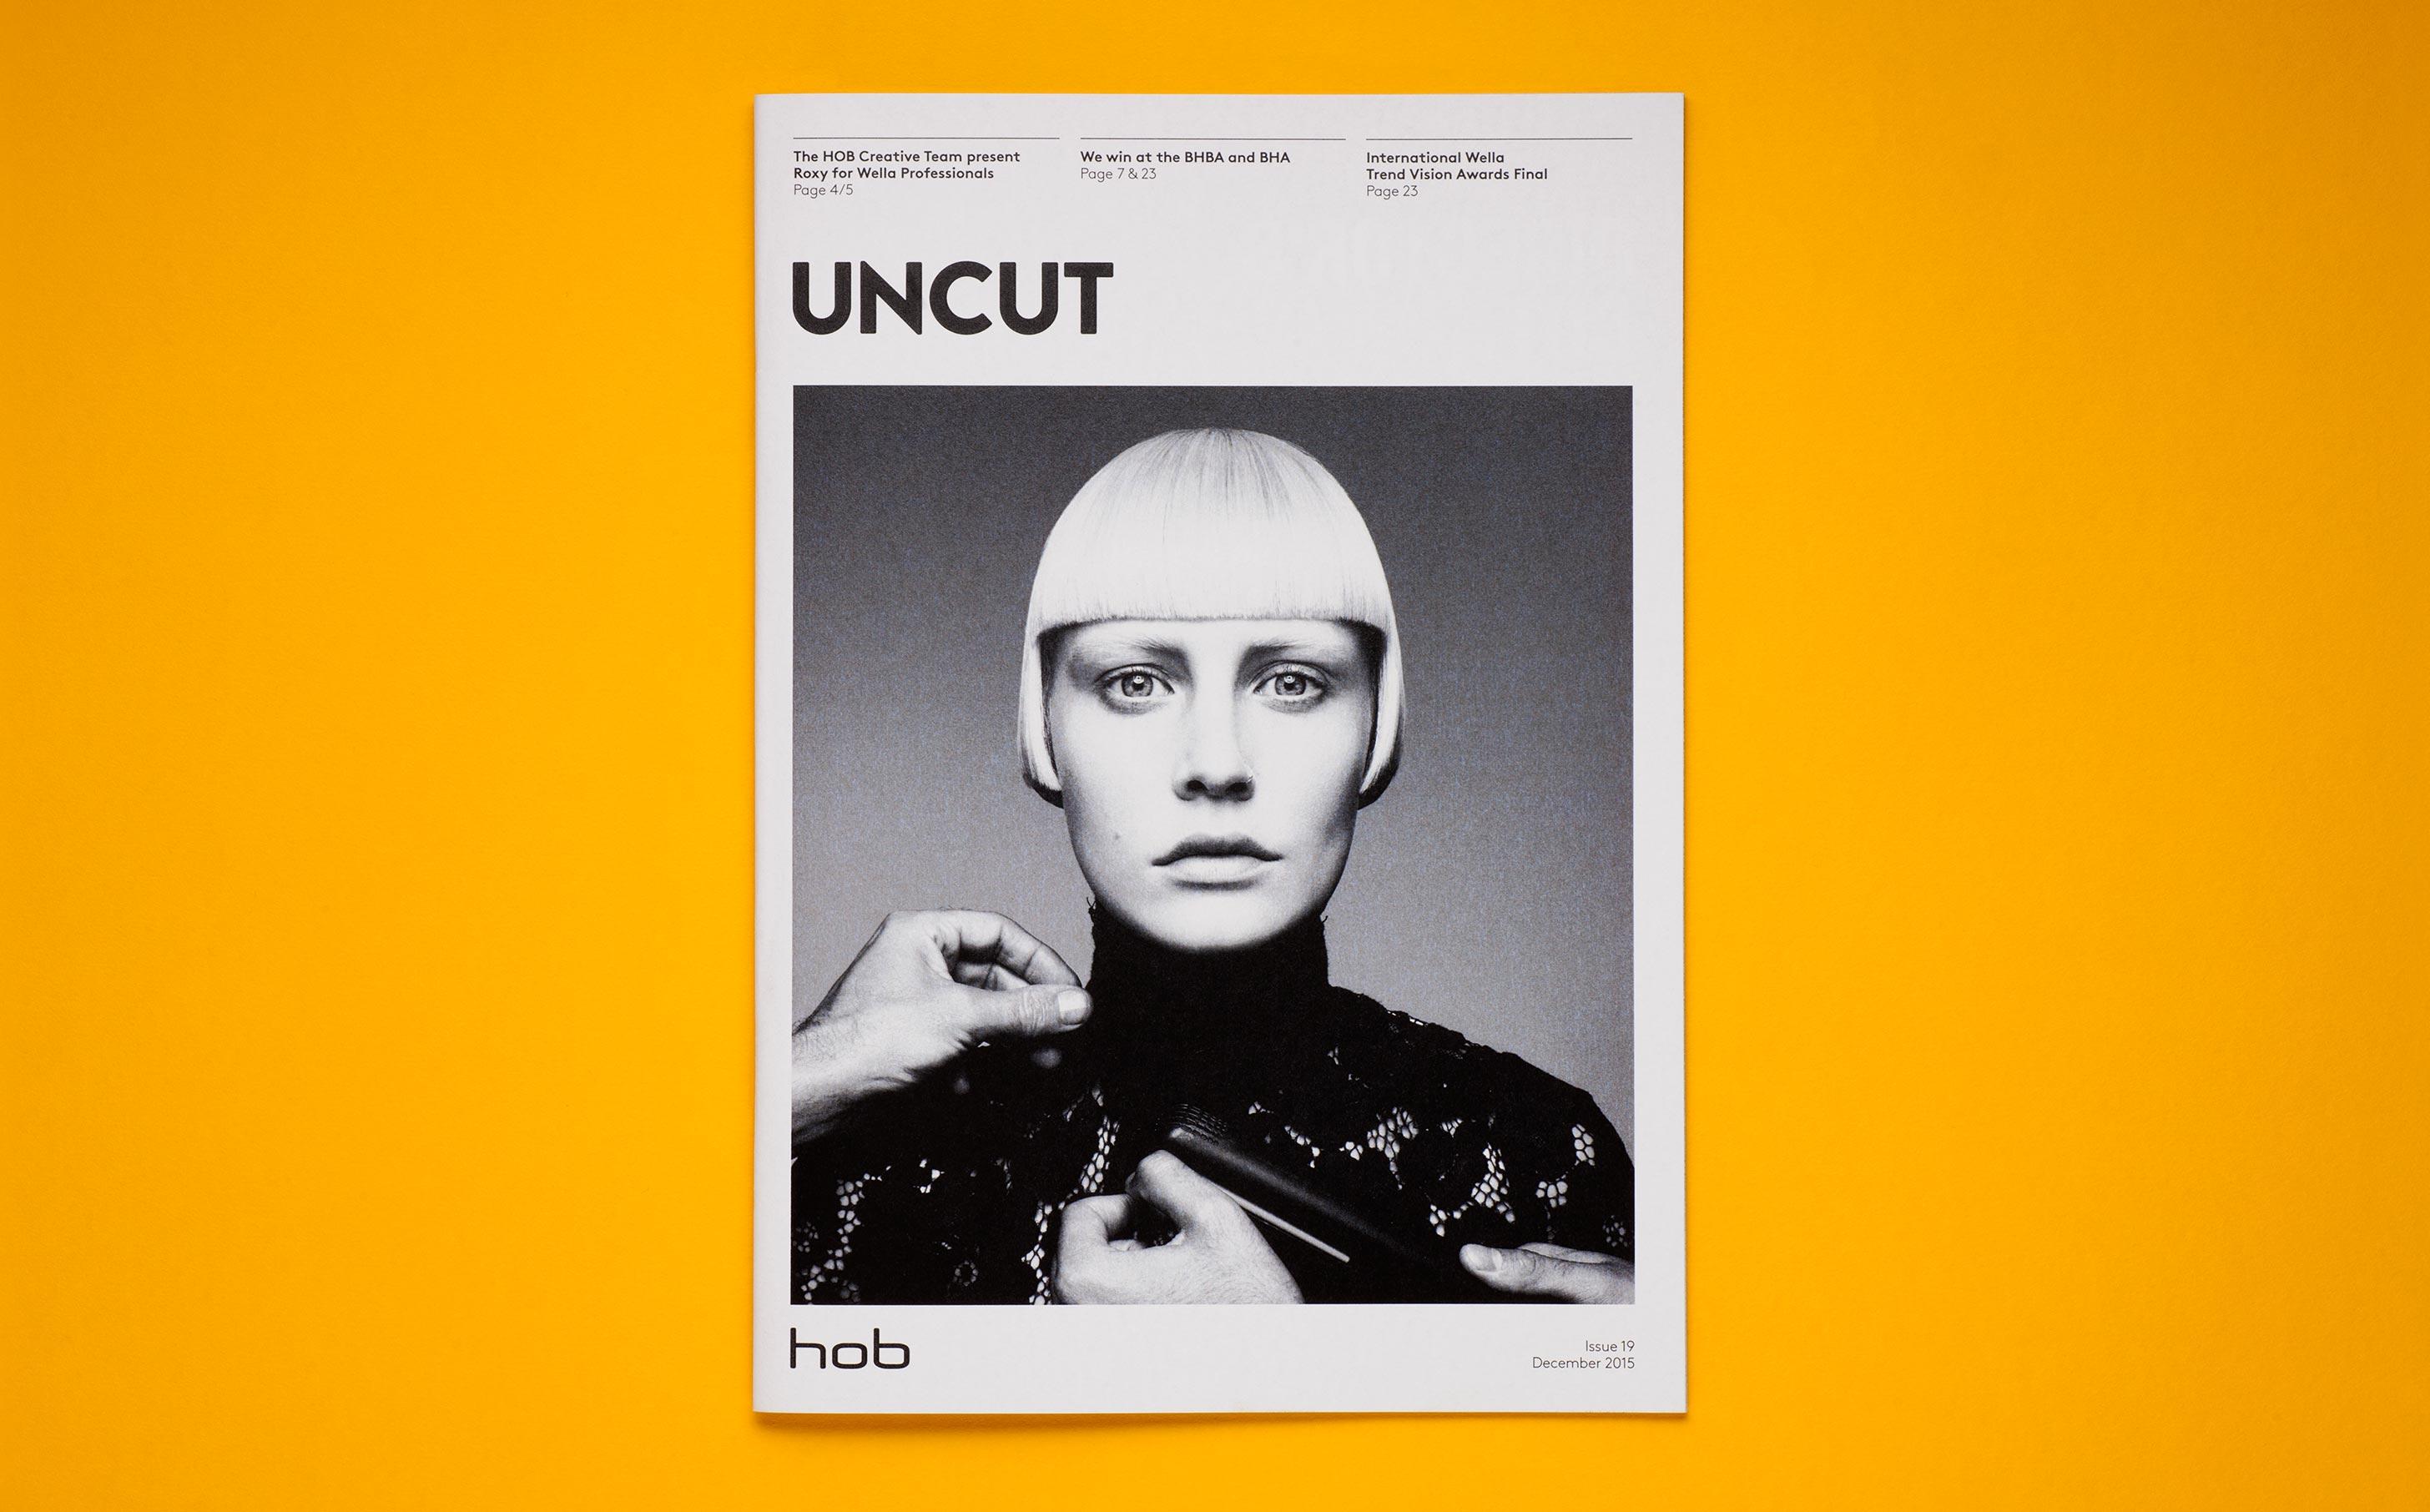 hob-salons-uncut-cover